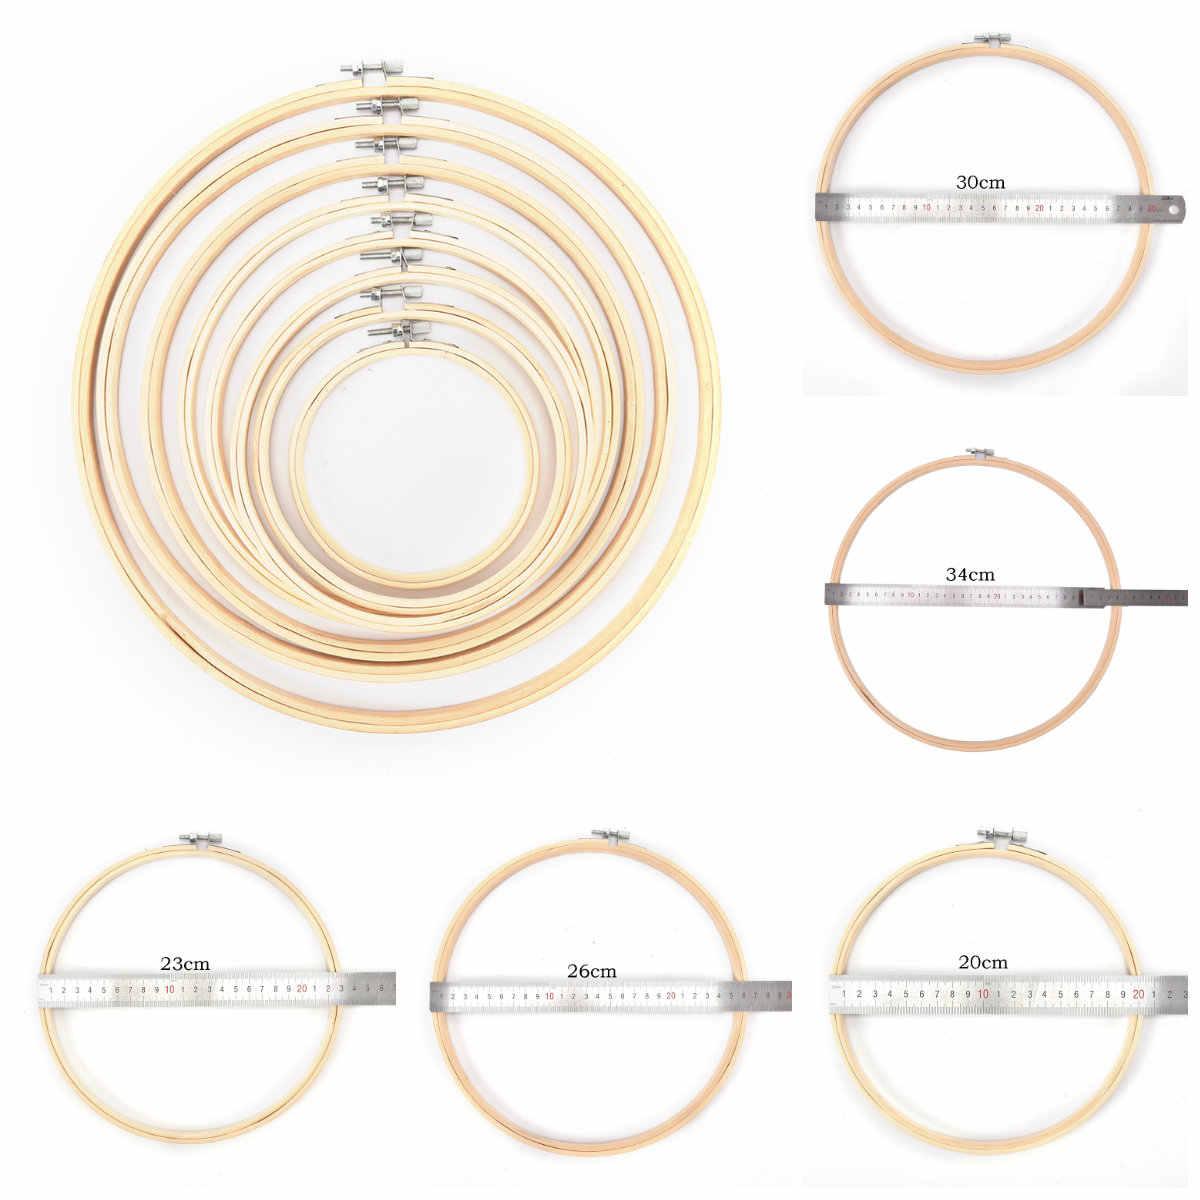 7-30 см пластик/деревянная рамка обод кольцо вышивка круглая машина бамбук для вышивки крестом diyбытовой Ремесло Швейные Инструменты